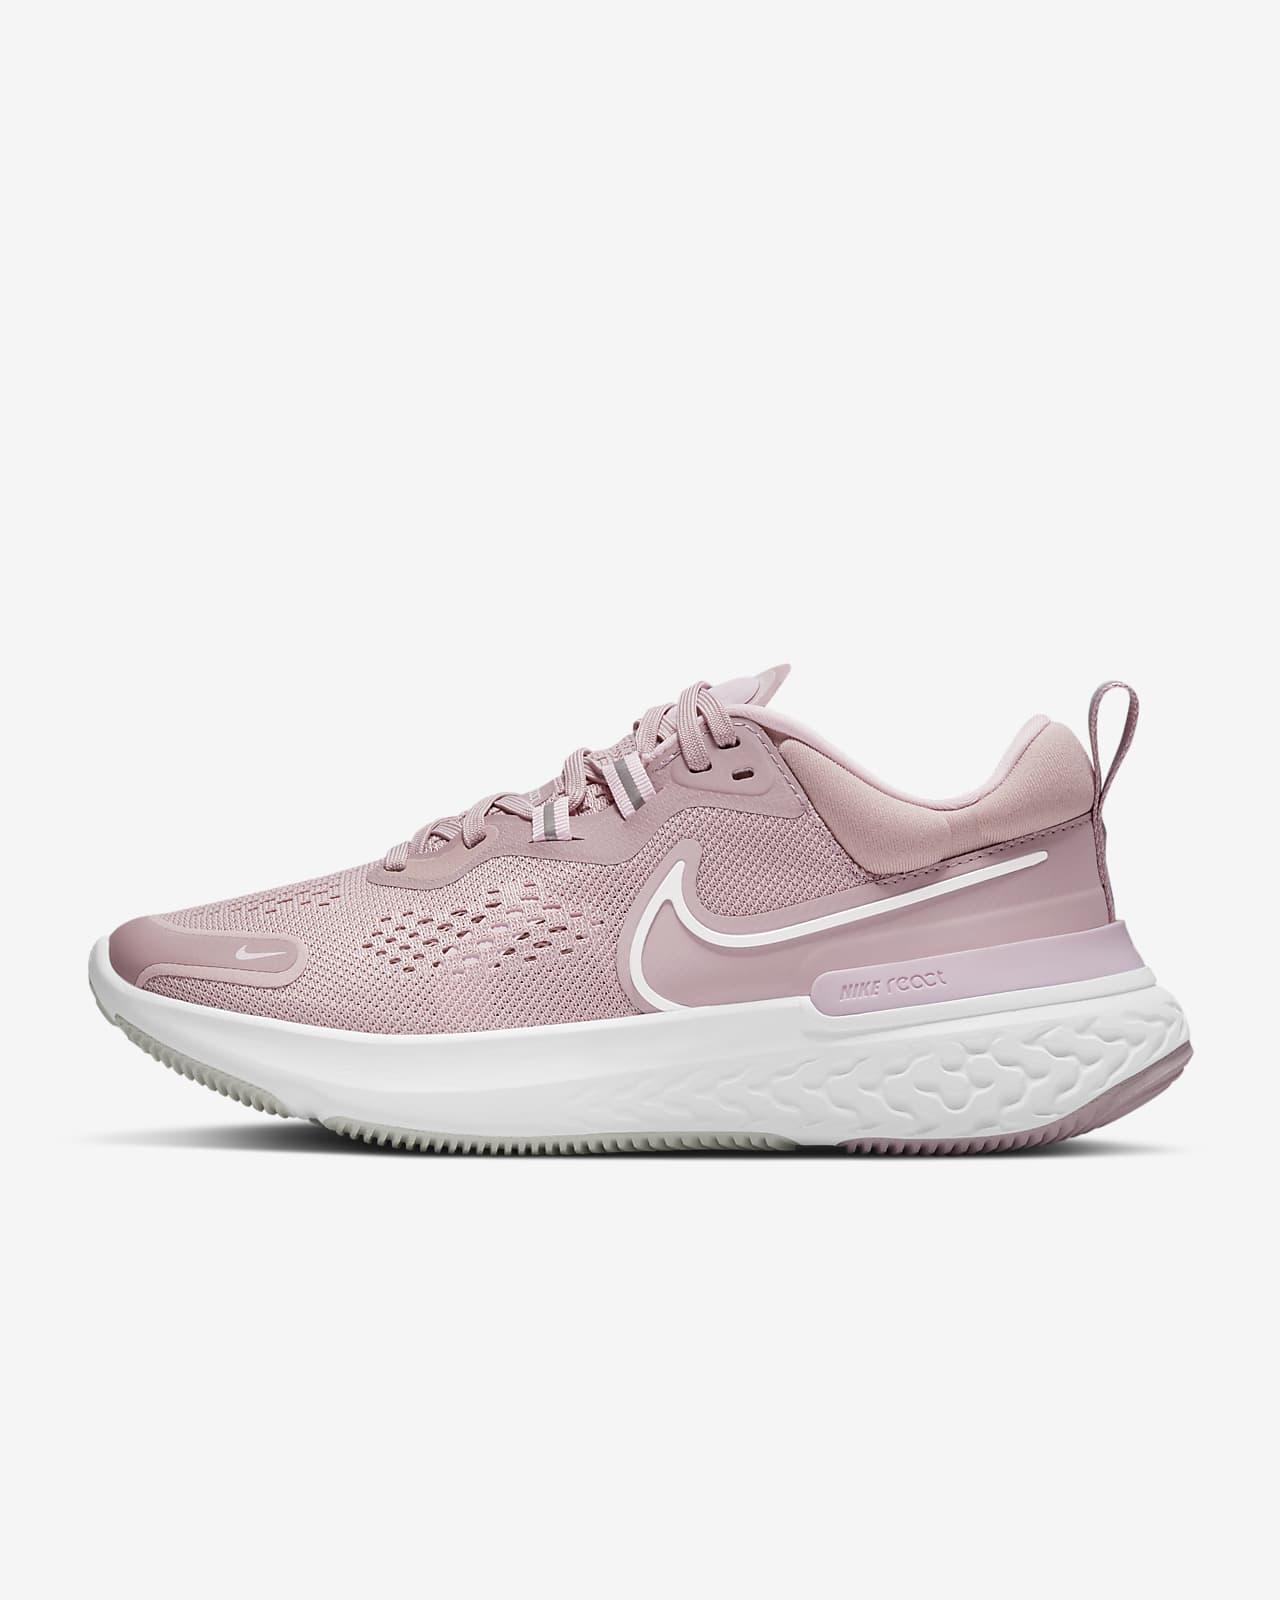 Chaussure de running sur route Nike React Miler 2 pour Femme